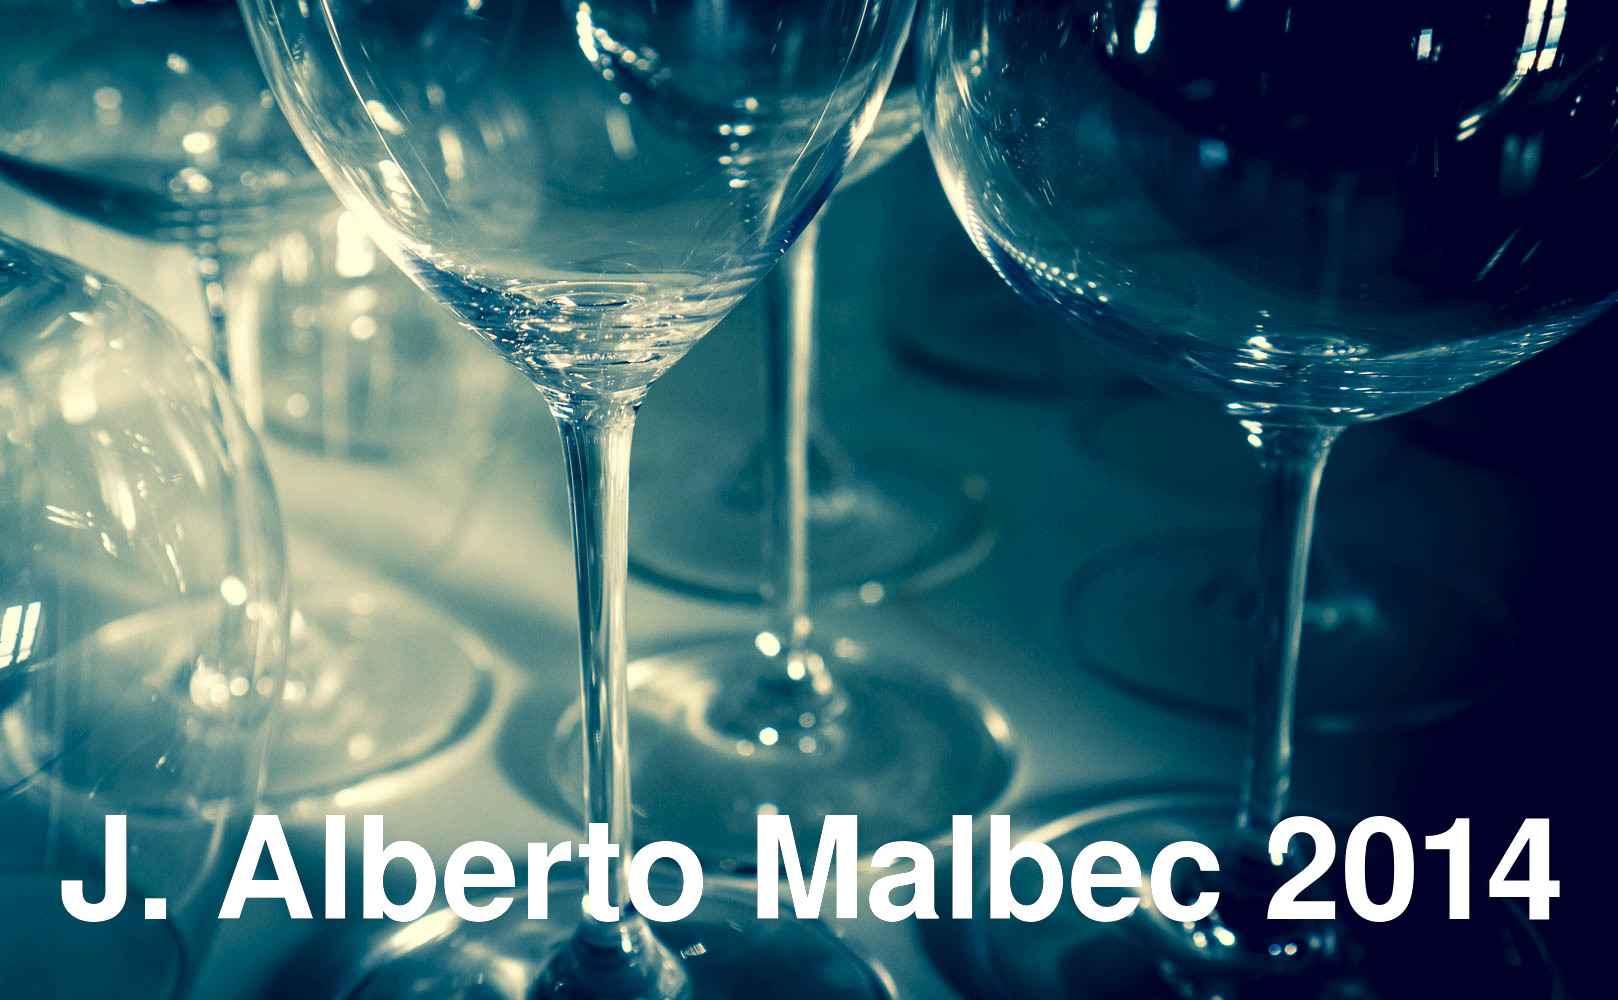 J. Alberto Malbec 2014 von Bodega Noemia aus Patagonien, Argentinien